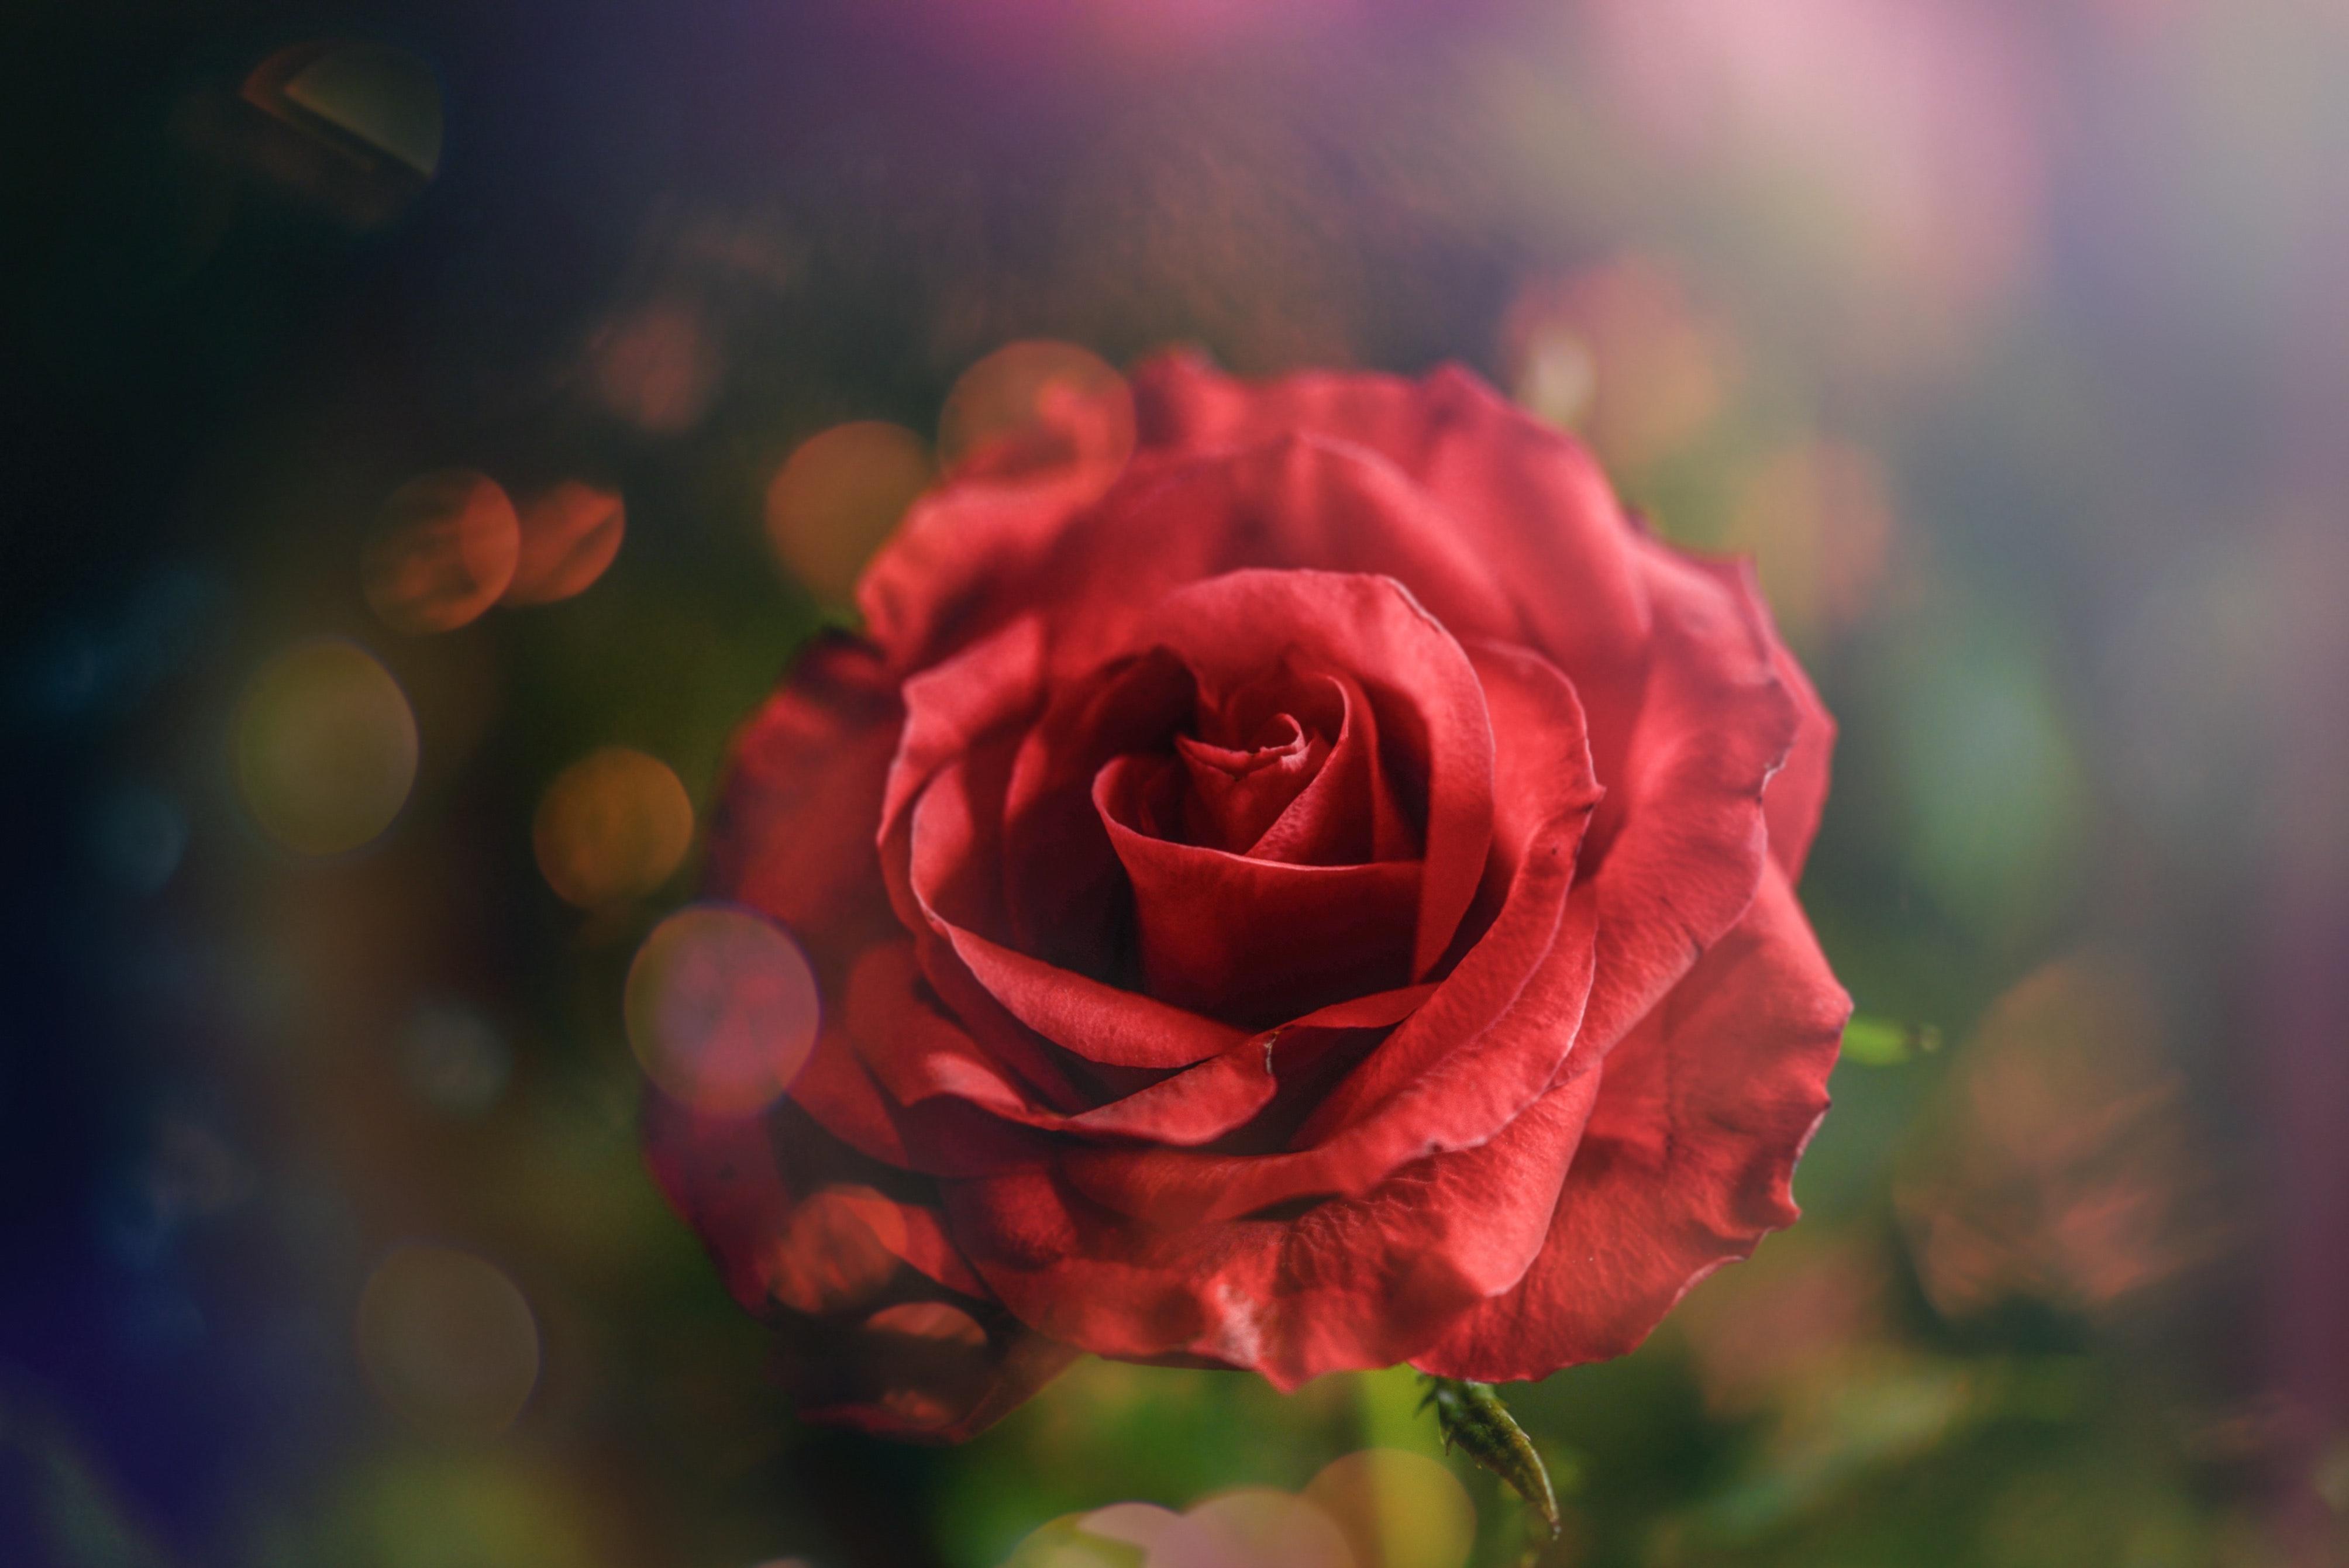 Ảnh hoa hồng đẹp lãng mạn